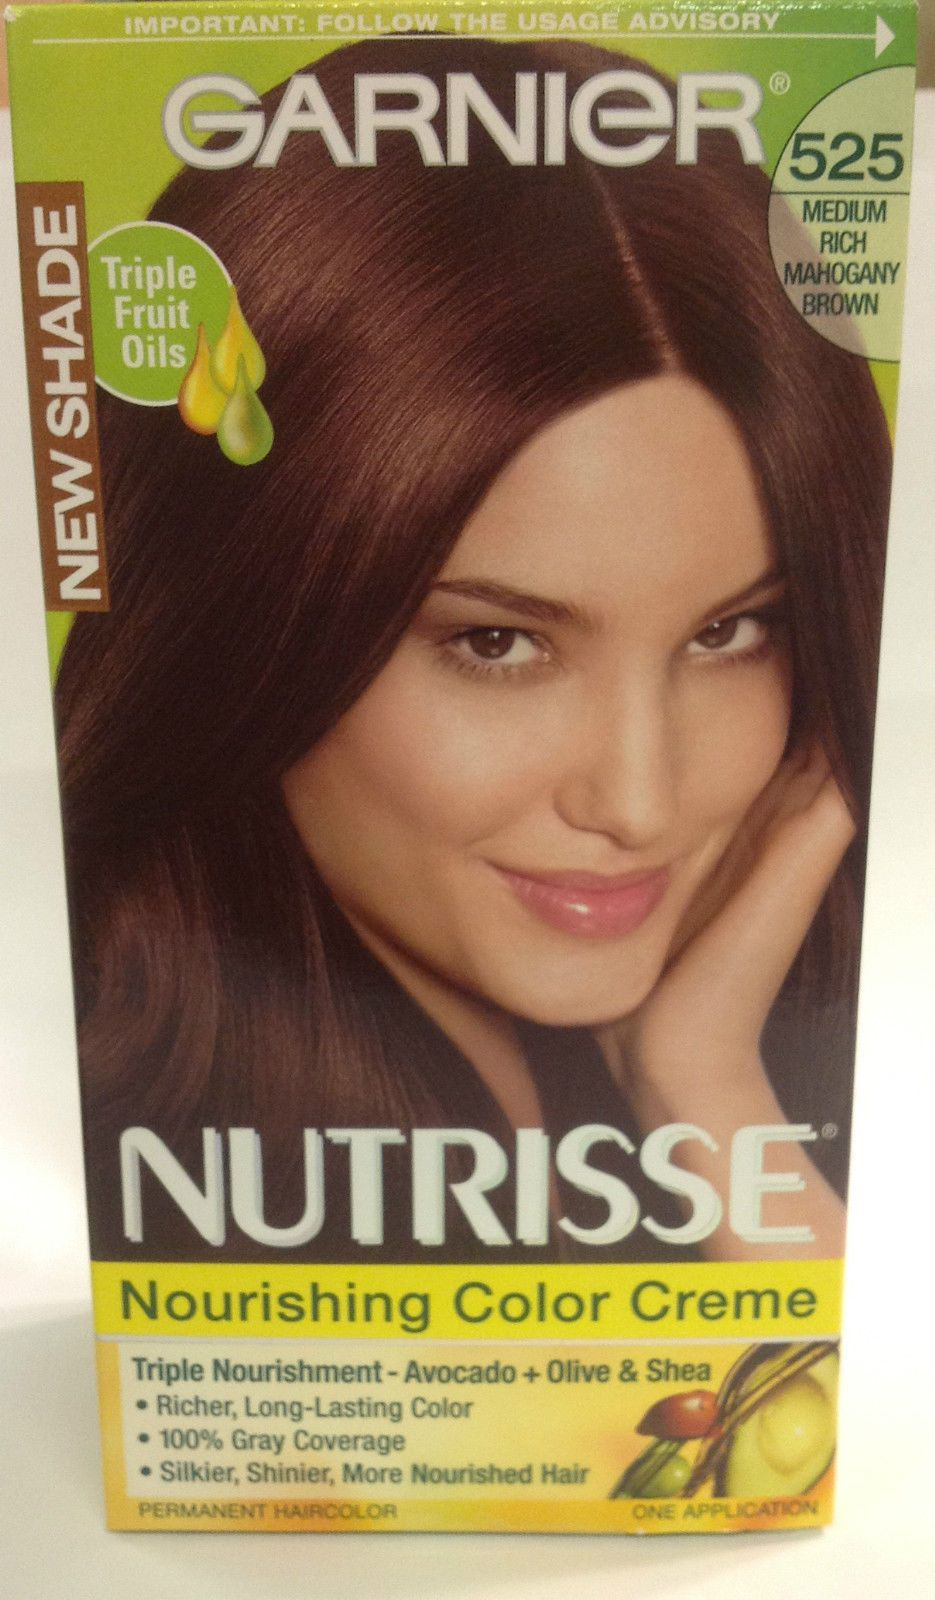 Garnier nutrisse permanent haircolor medium rich mahogany